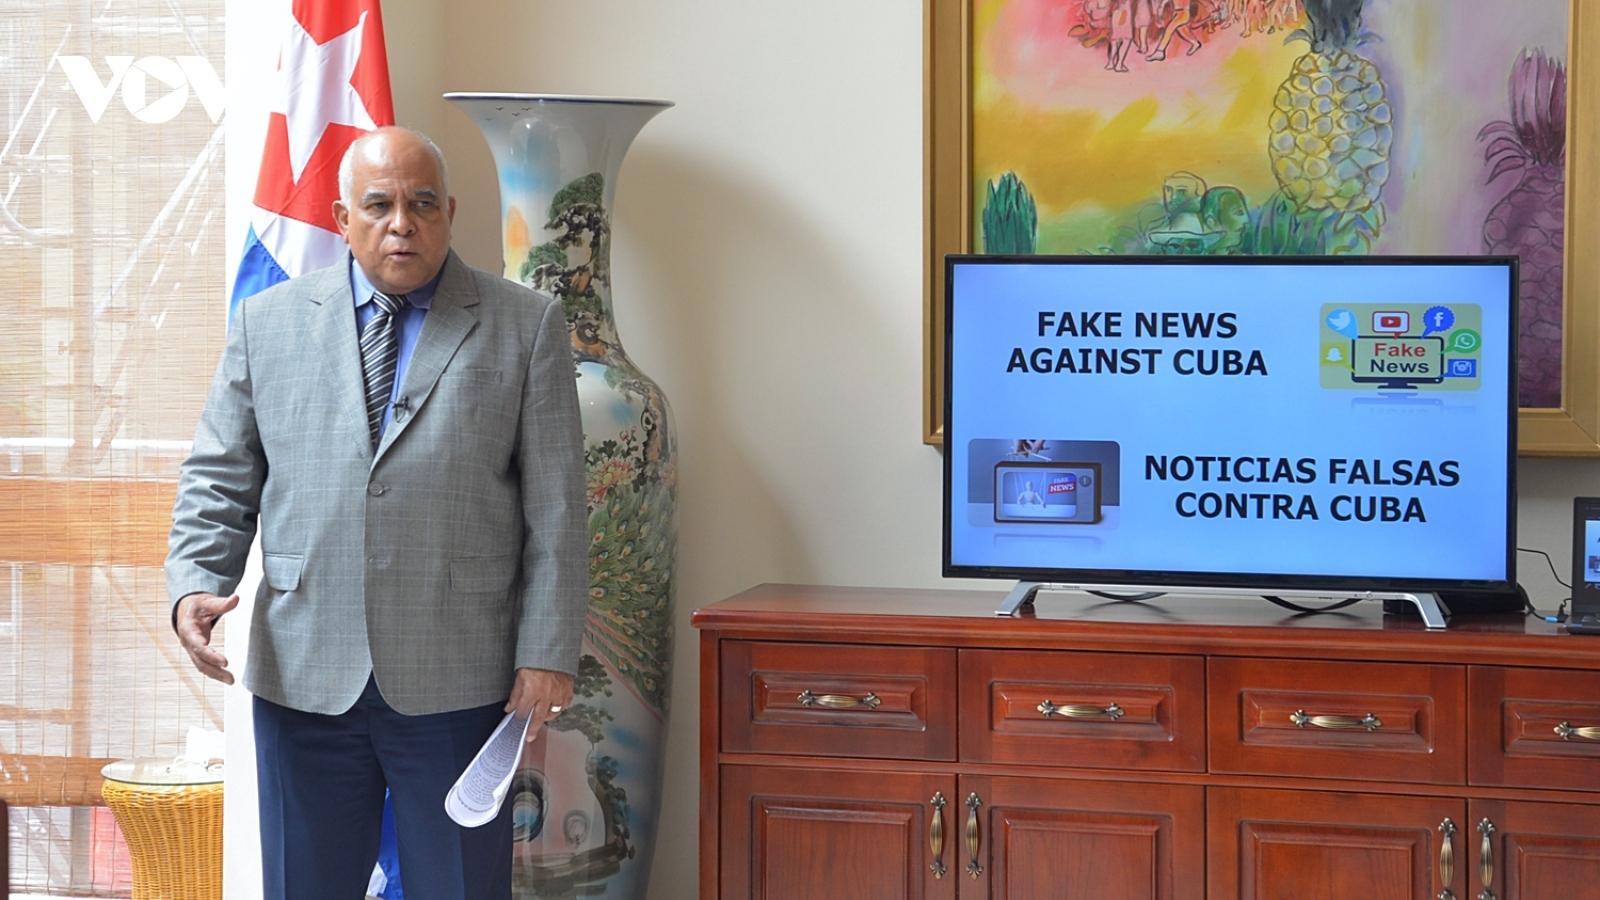 """Đại sứ Cuba khẳng định âm mưu phá hoại Cuba """"11/7"""" đã thất bại nhưng cần phải làm sáng tỏ"""